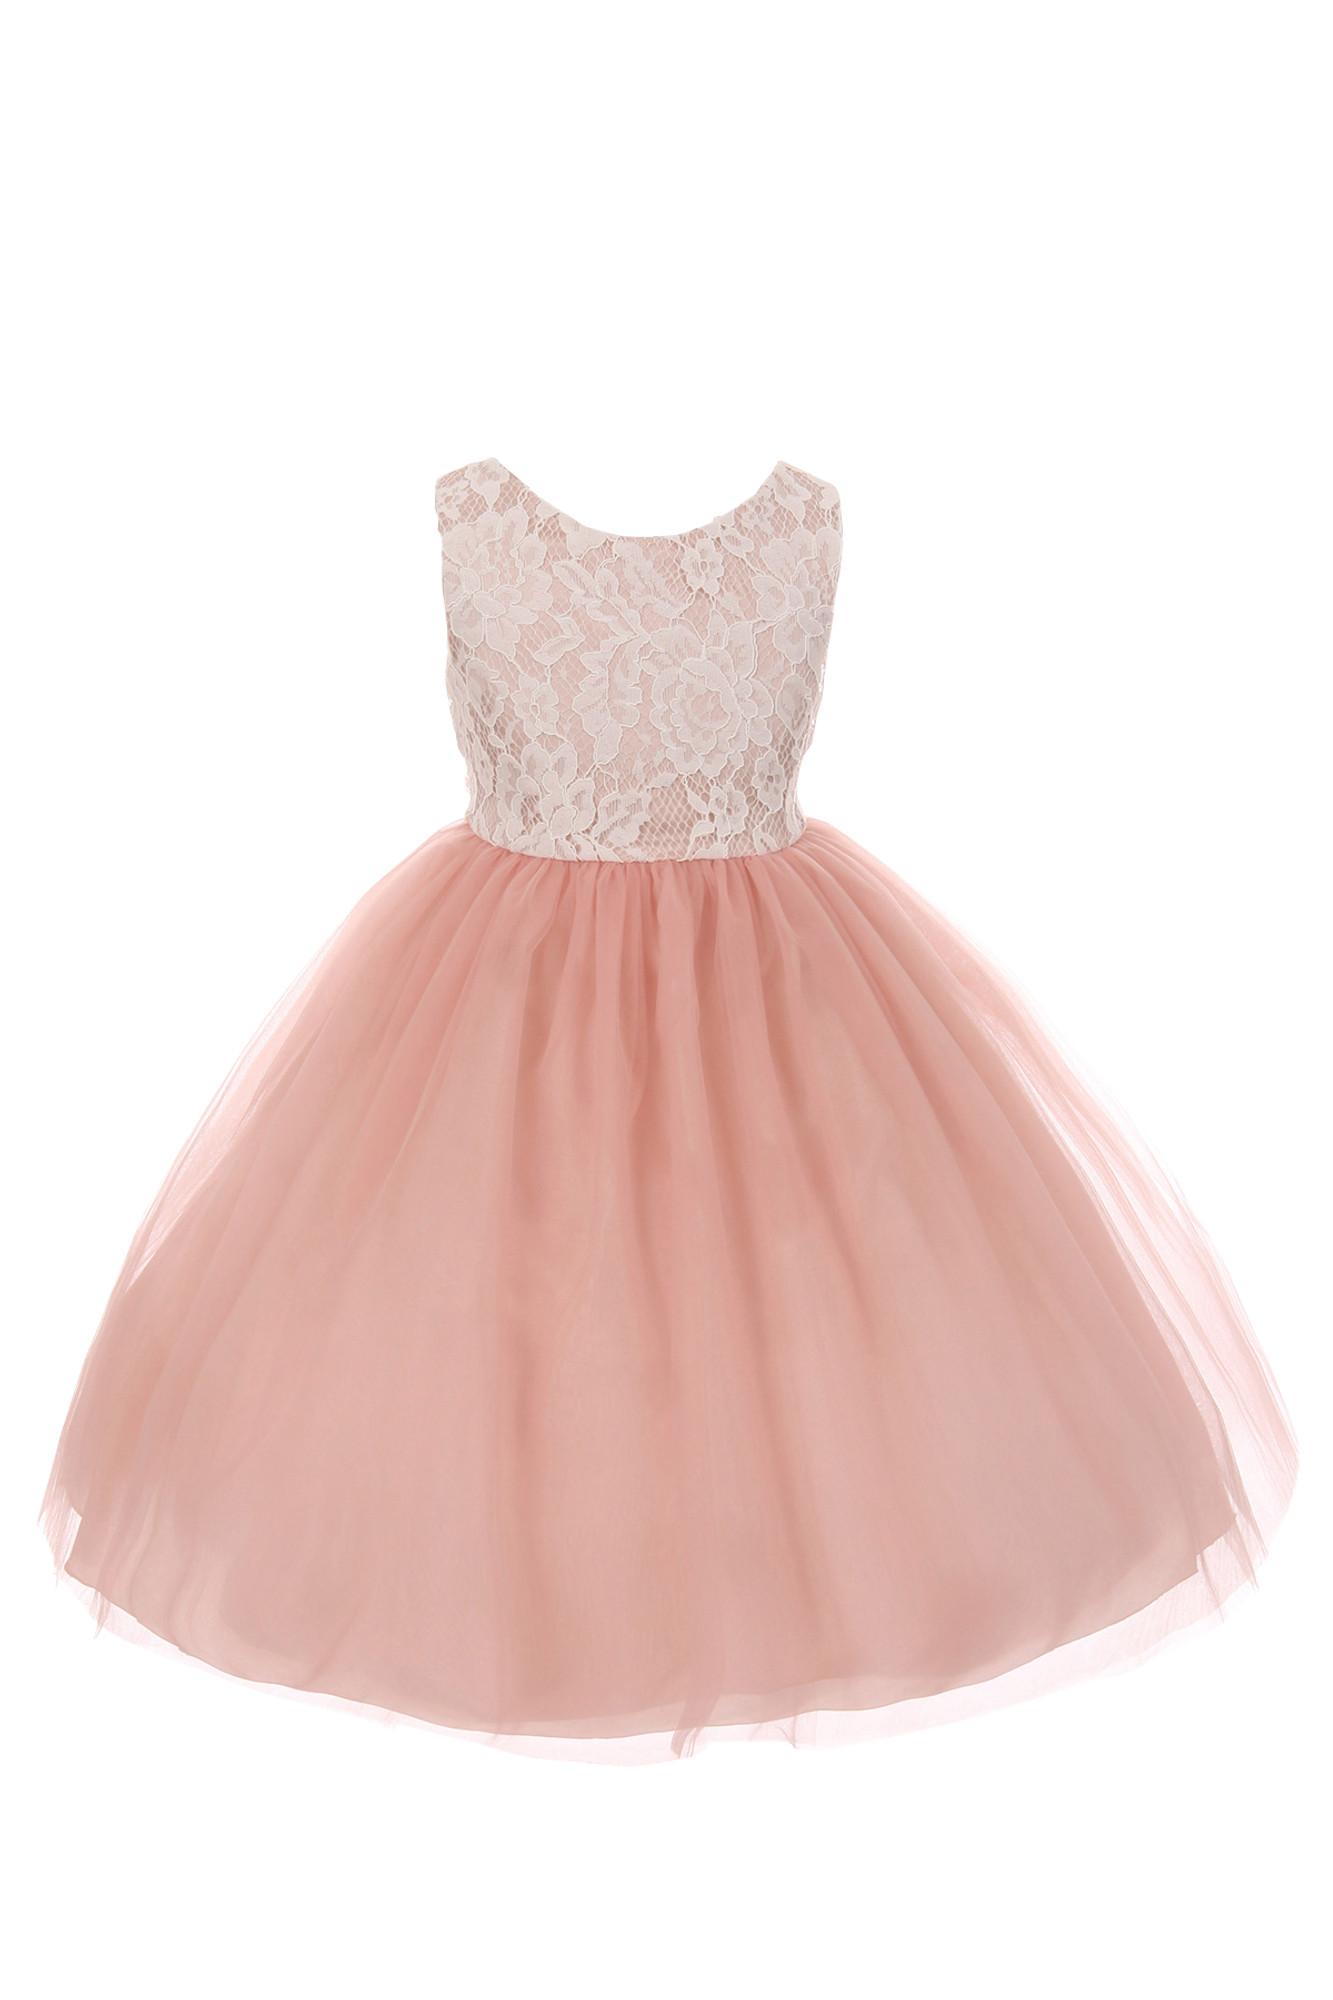 BIMARO Mädchen Kleid Lara rosa altrose Spitze beige creme festlich Tüllrock Festkleid Taufe Hochzeit Blumenmädchen